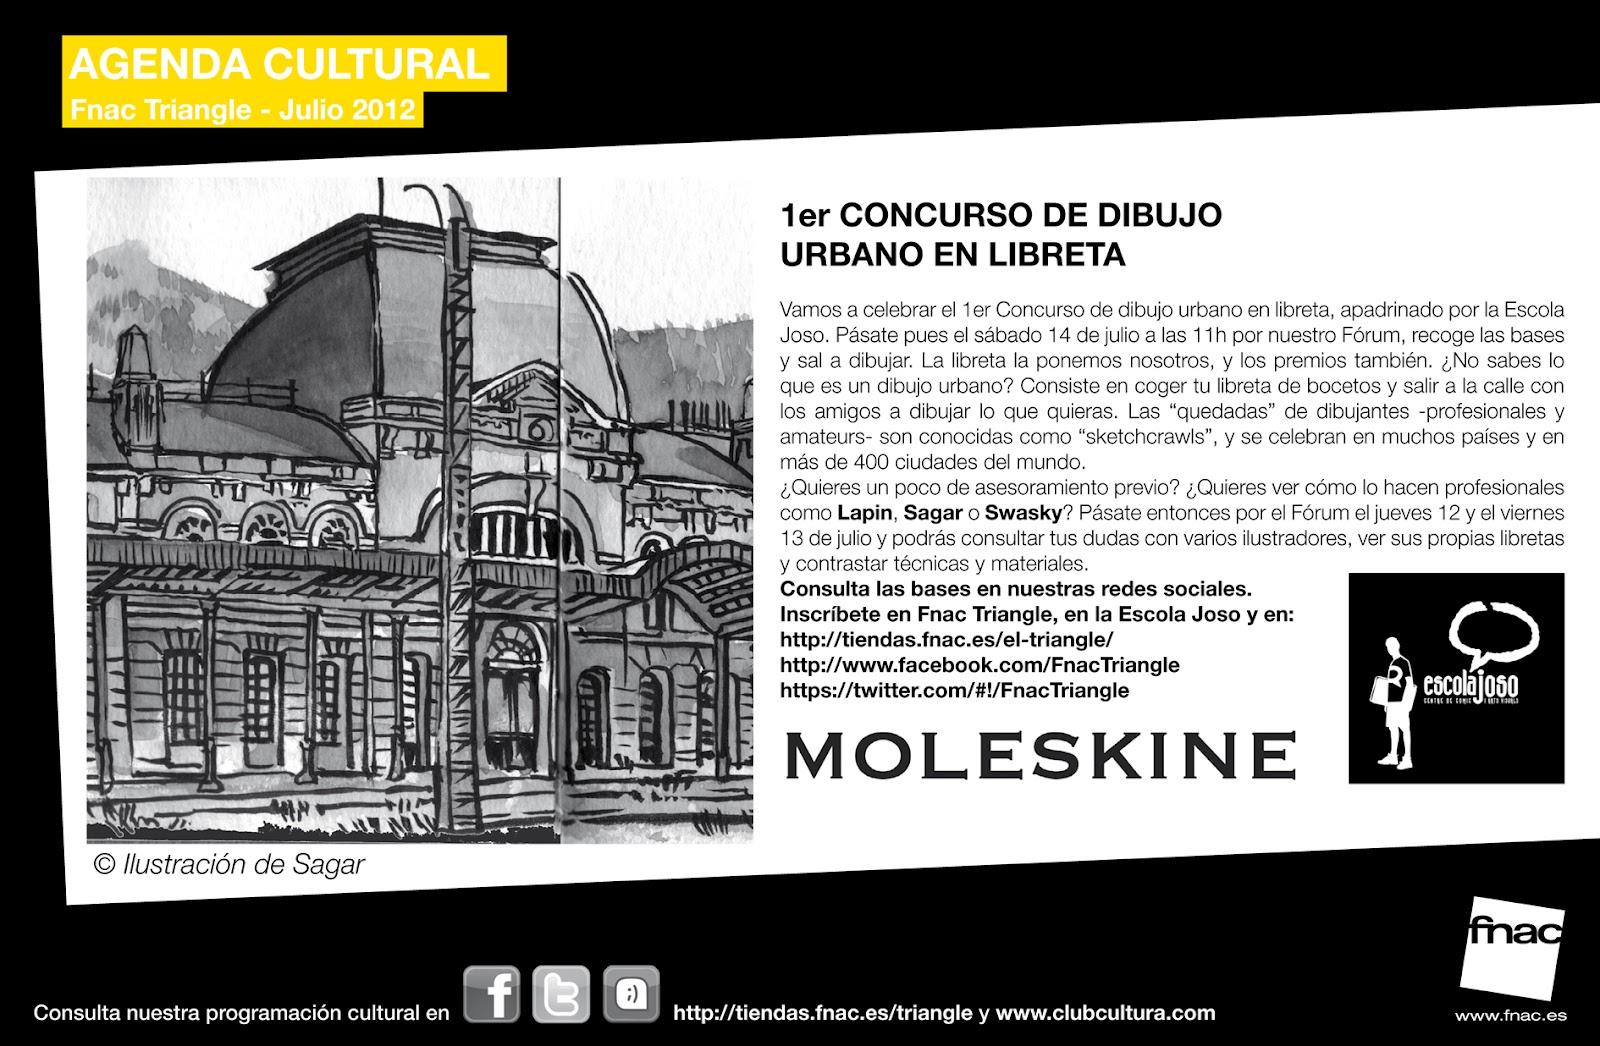 Concurso De Dibujo Urbano En Libreta Fnac Madrid: Barcelona's Sketchcrawl: 36º SketchCrawl BCN [14 Julio 2012]